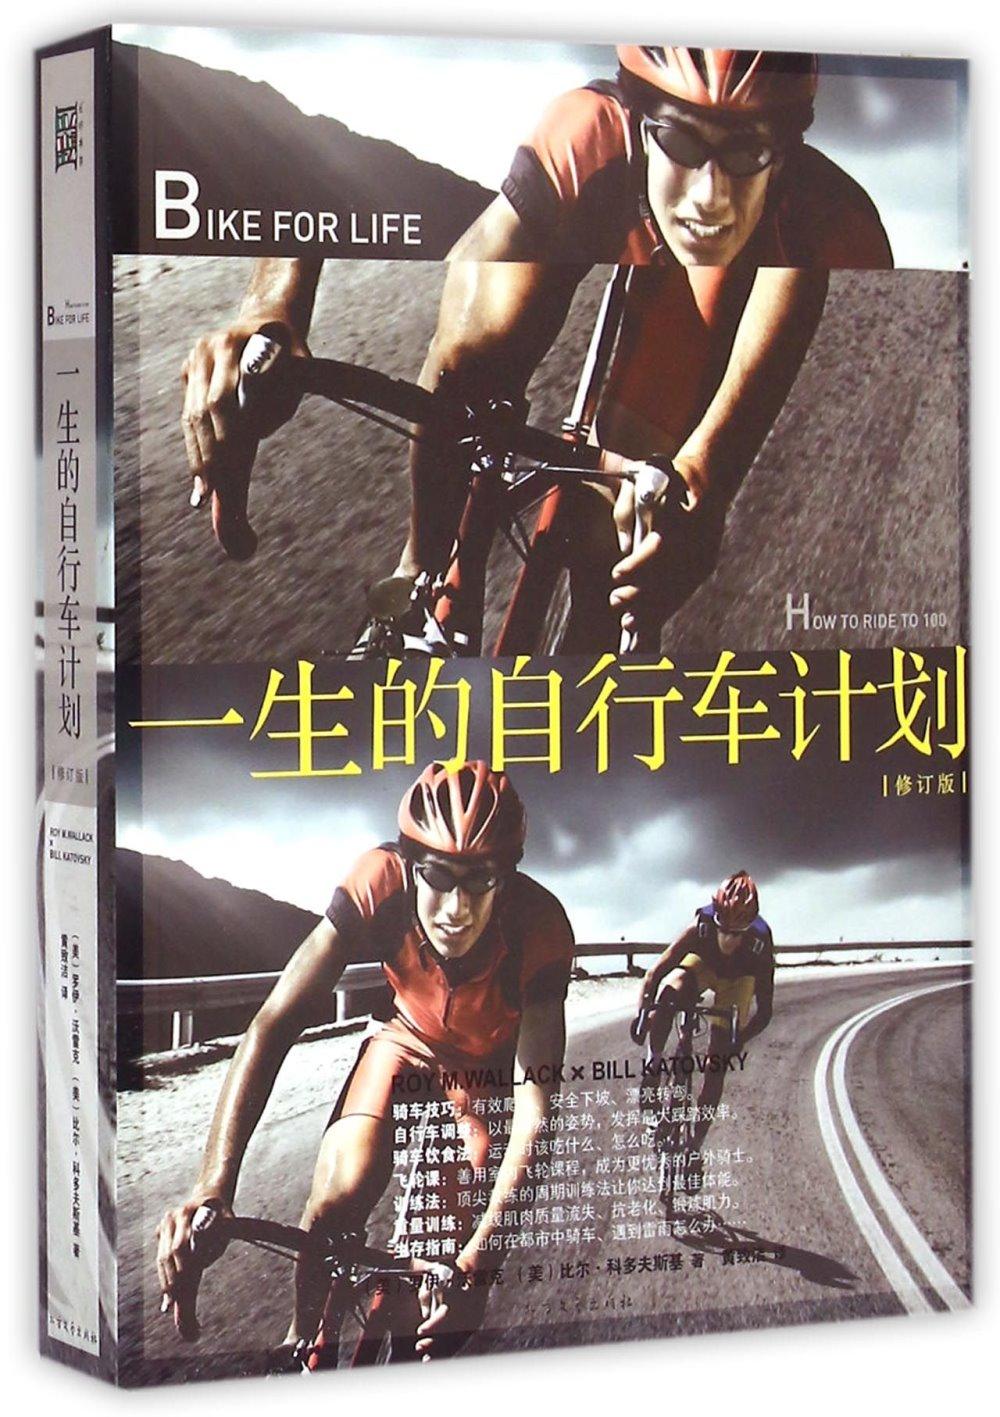 一生的自行車計划(修訂版)